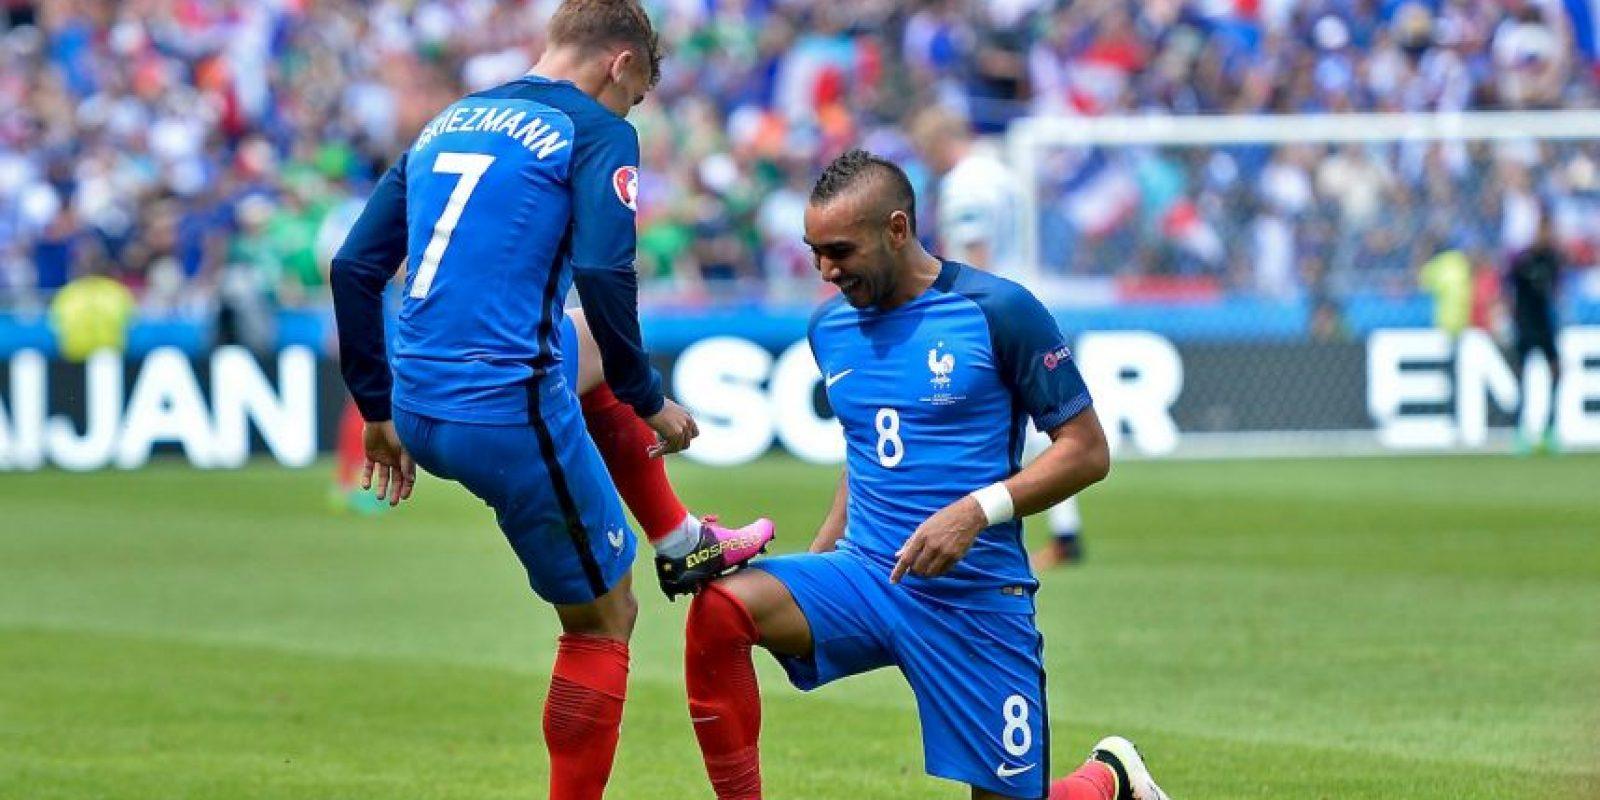 Además de su historia futbolística y ser local, la calidad del plantel de los franceses parece ampliamente superior al de los debutantes Foto:Getty Images